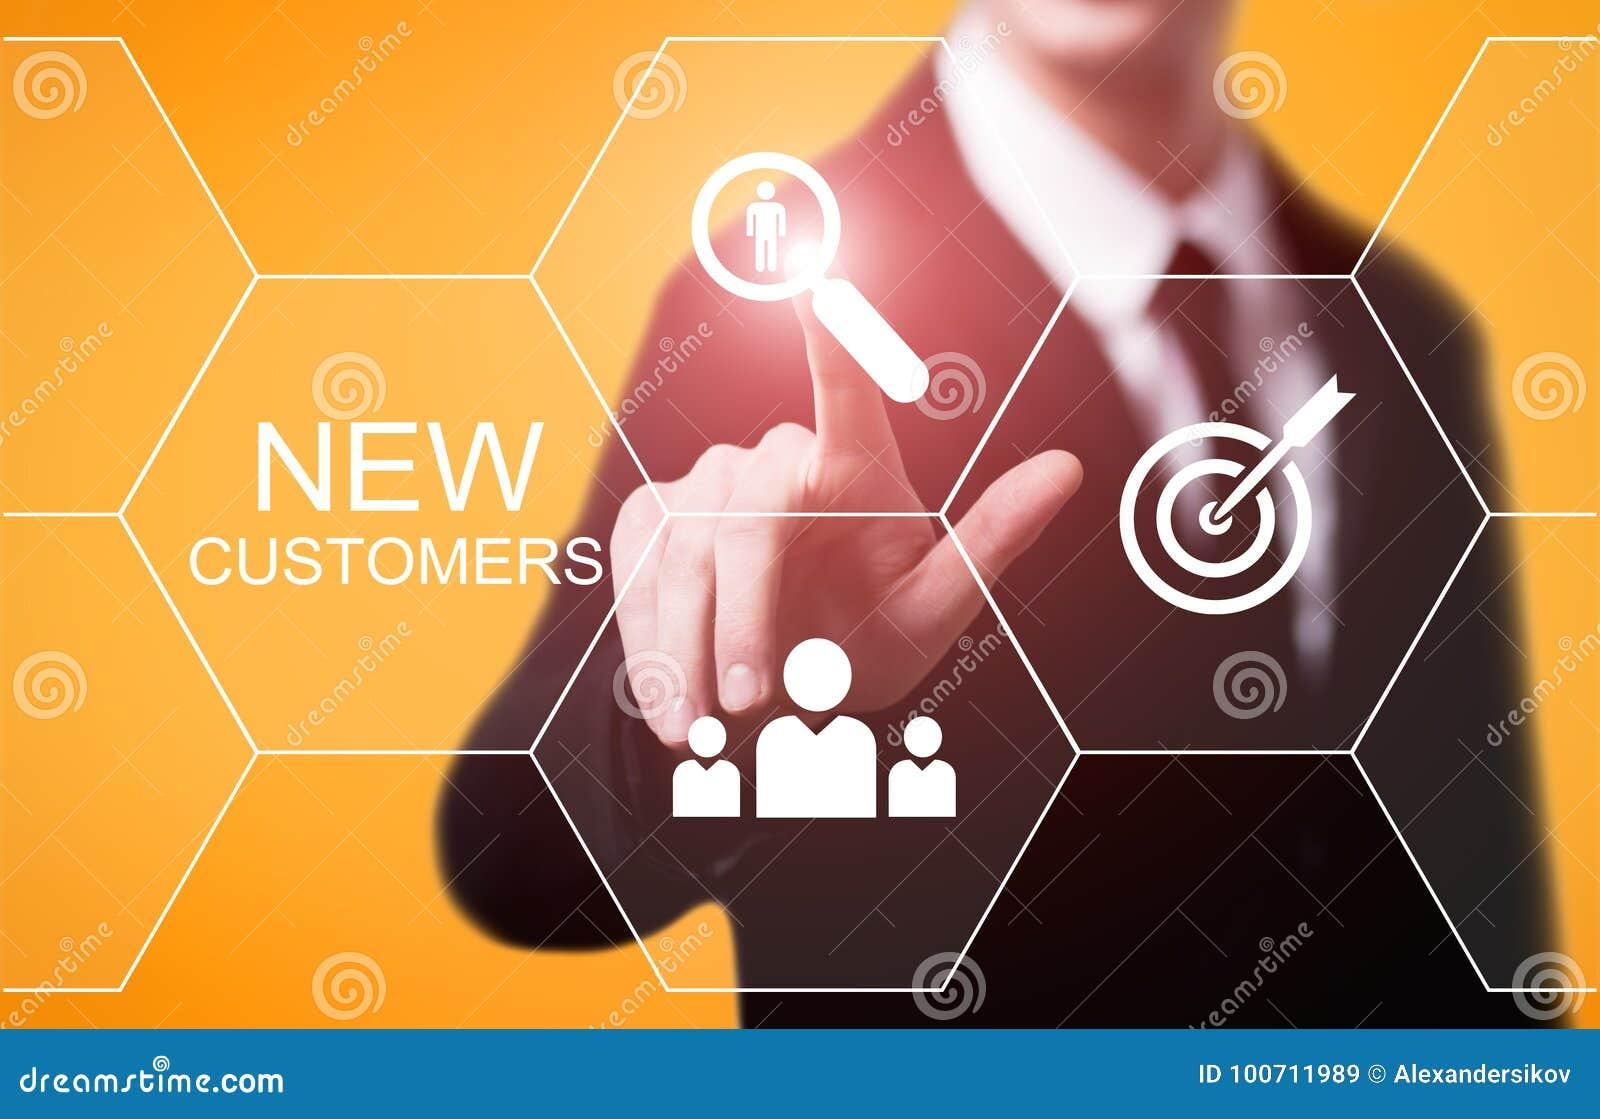 Neue Kunden, die Marketing-Geschäfts-Internet-Technologie-Konzept annoncieren